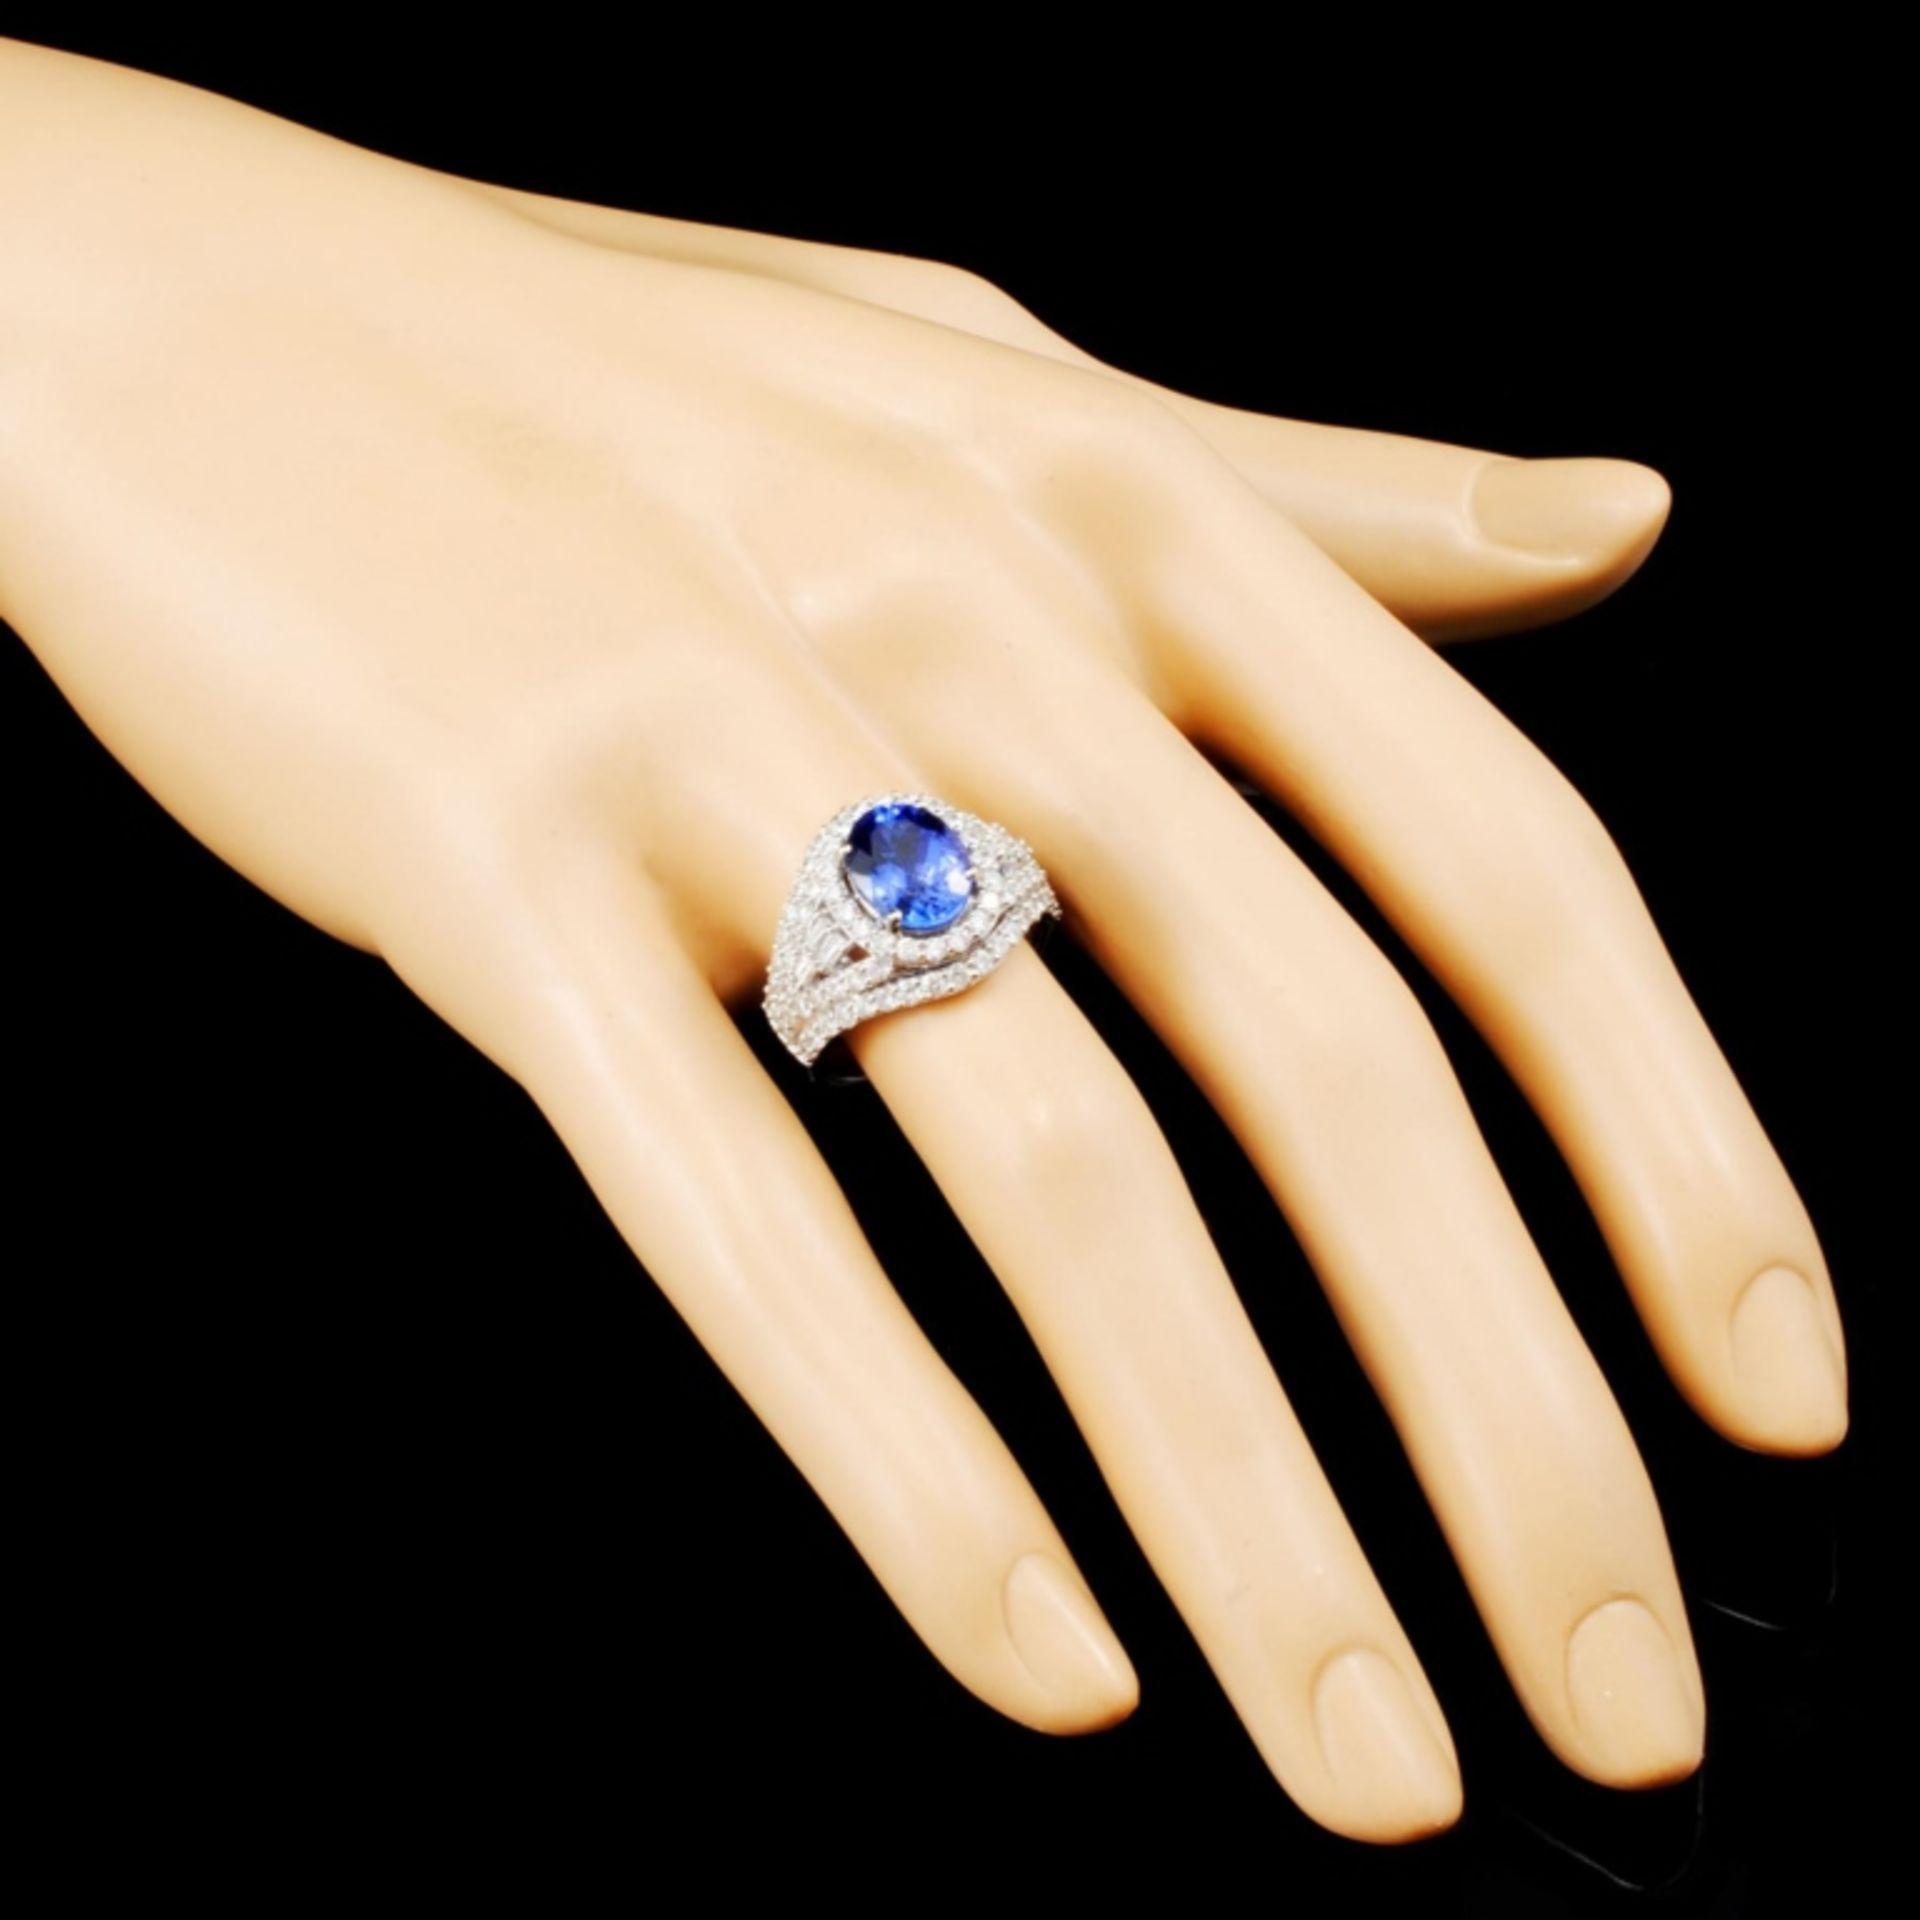 18K Gold 2.81ct Tanzanite & 1.65ctw Diamond Ring - Image 3 of 5